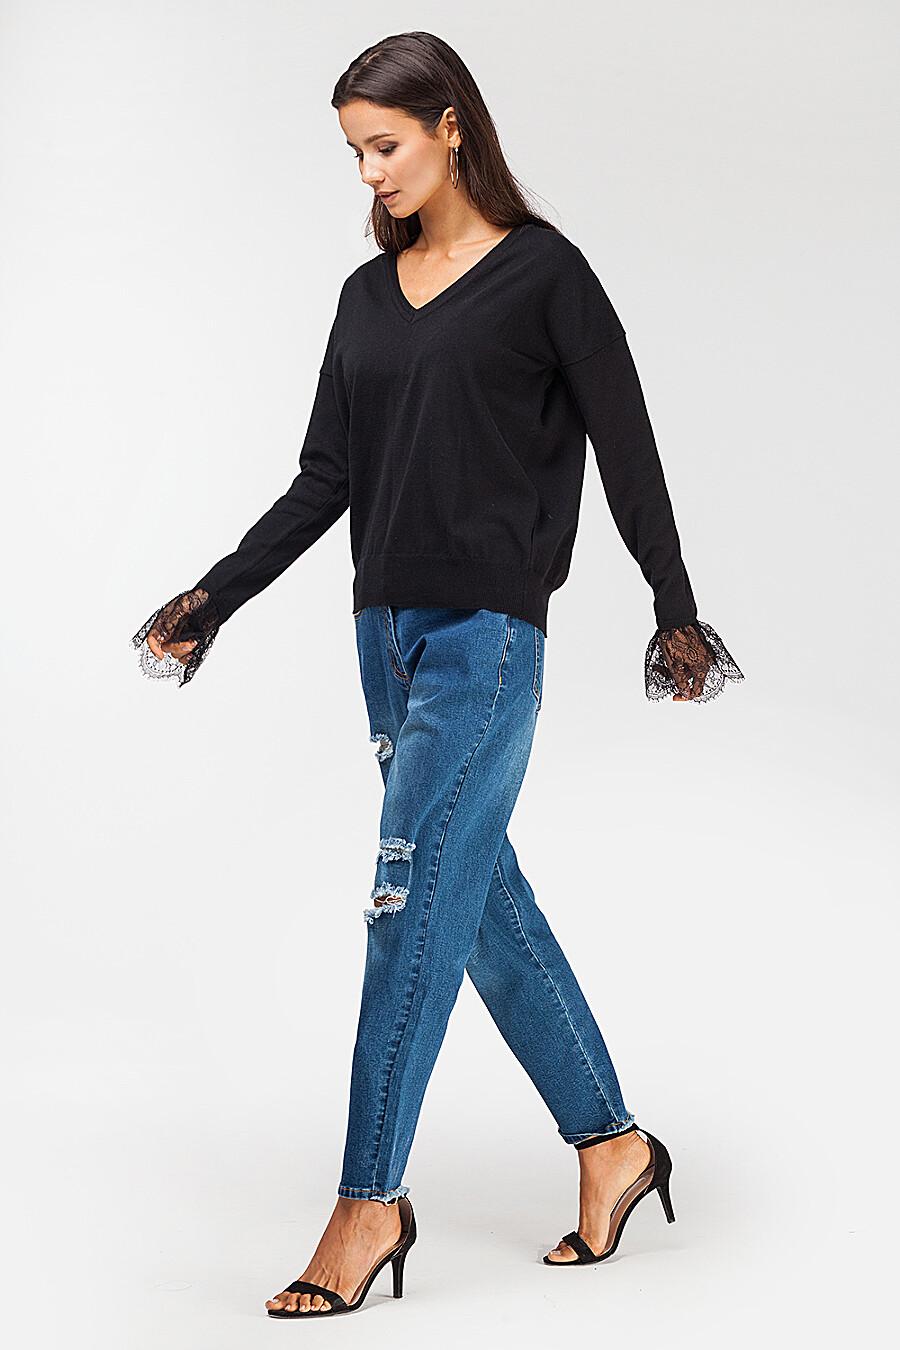 Джемпер для женщин VILATTE 115060 купить оптом от производителя. Совместная покупка женской одежды в OptMoyo